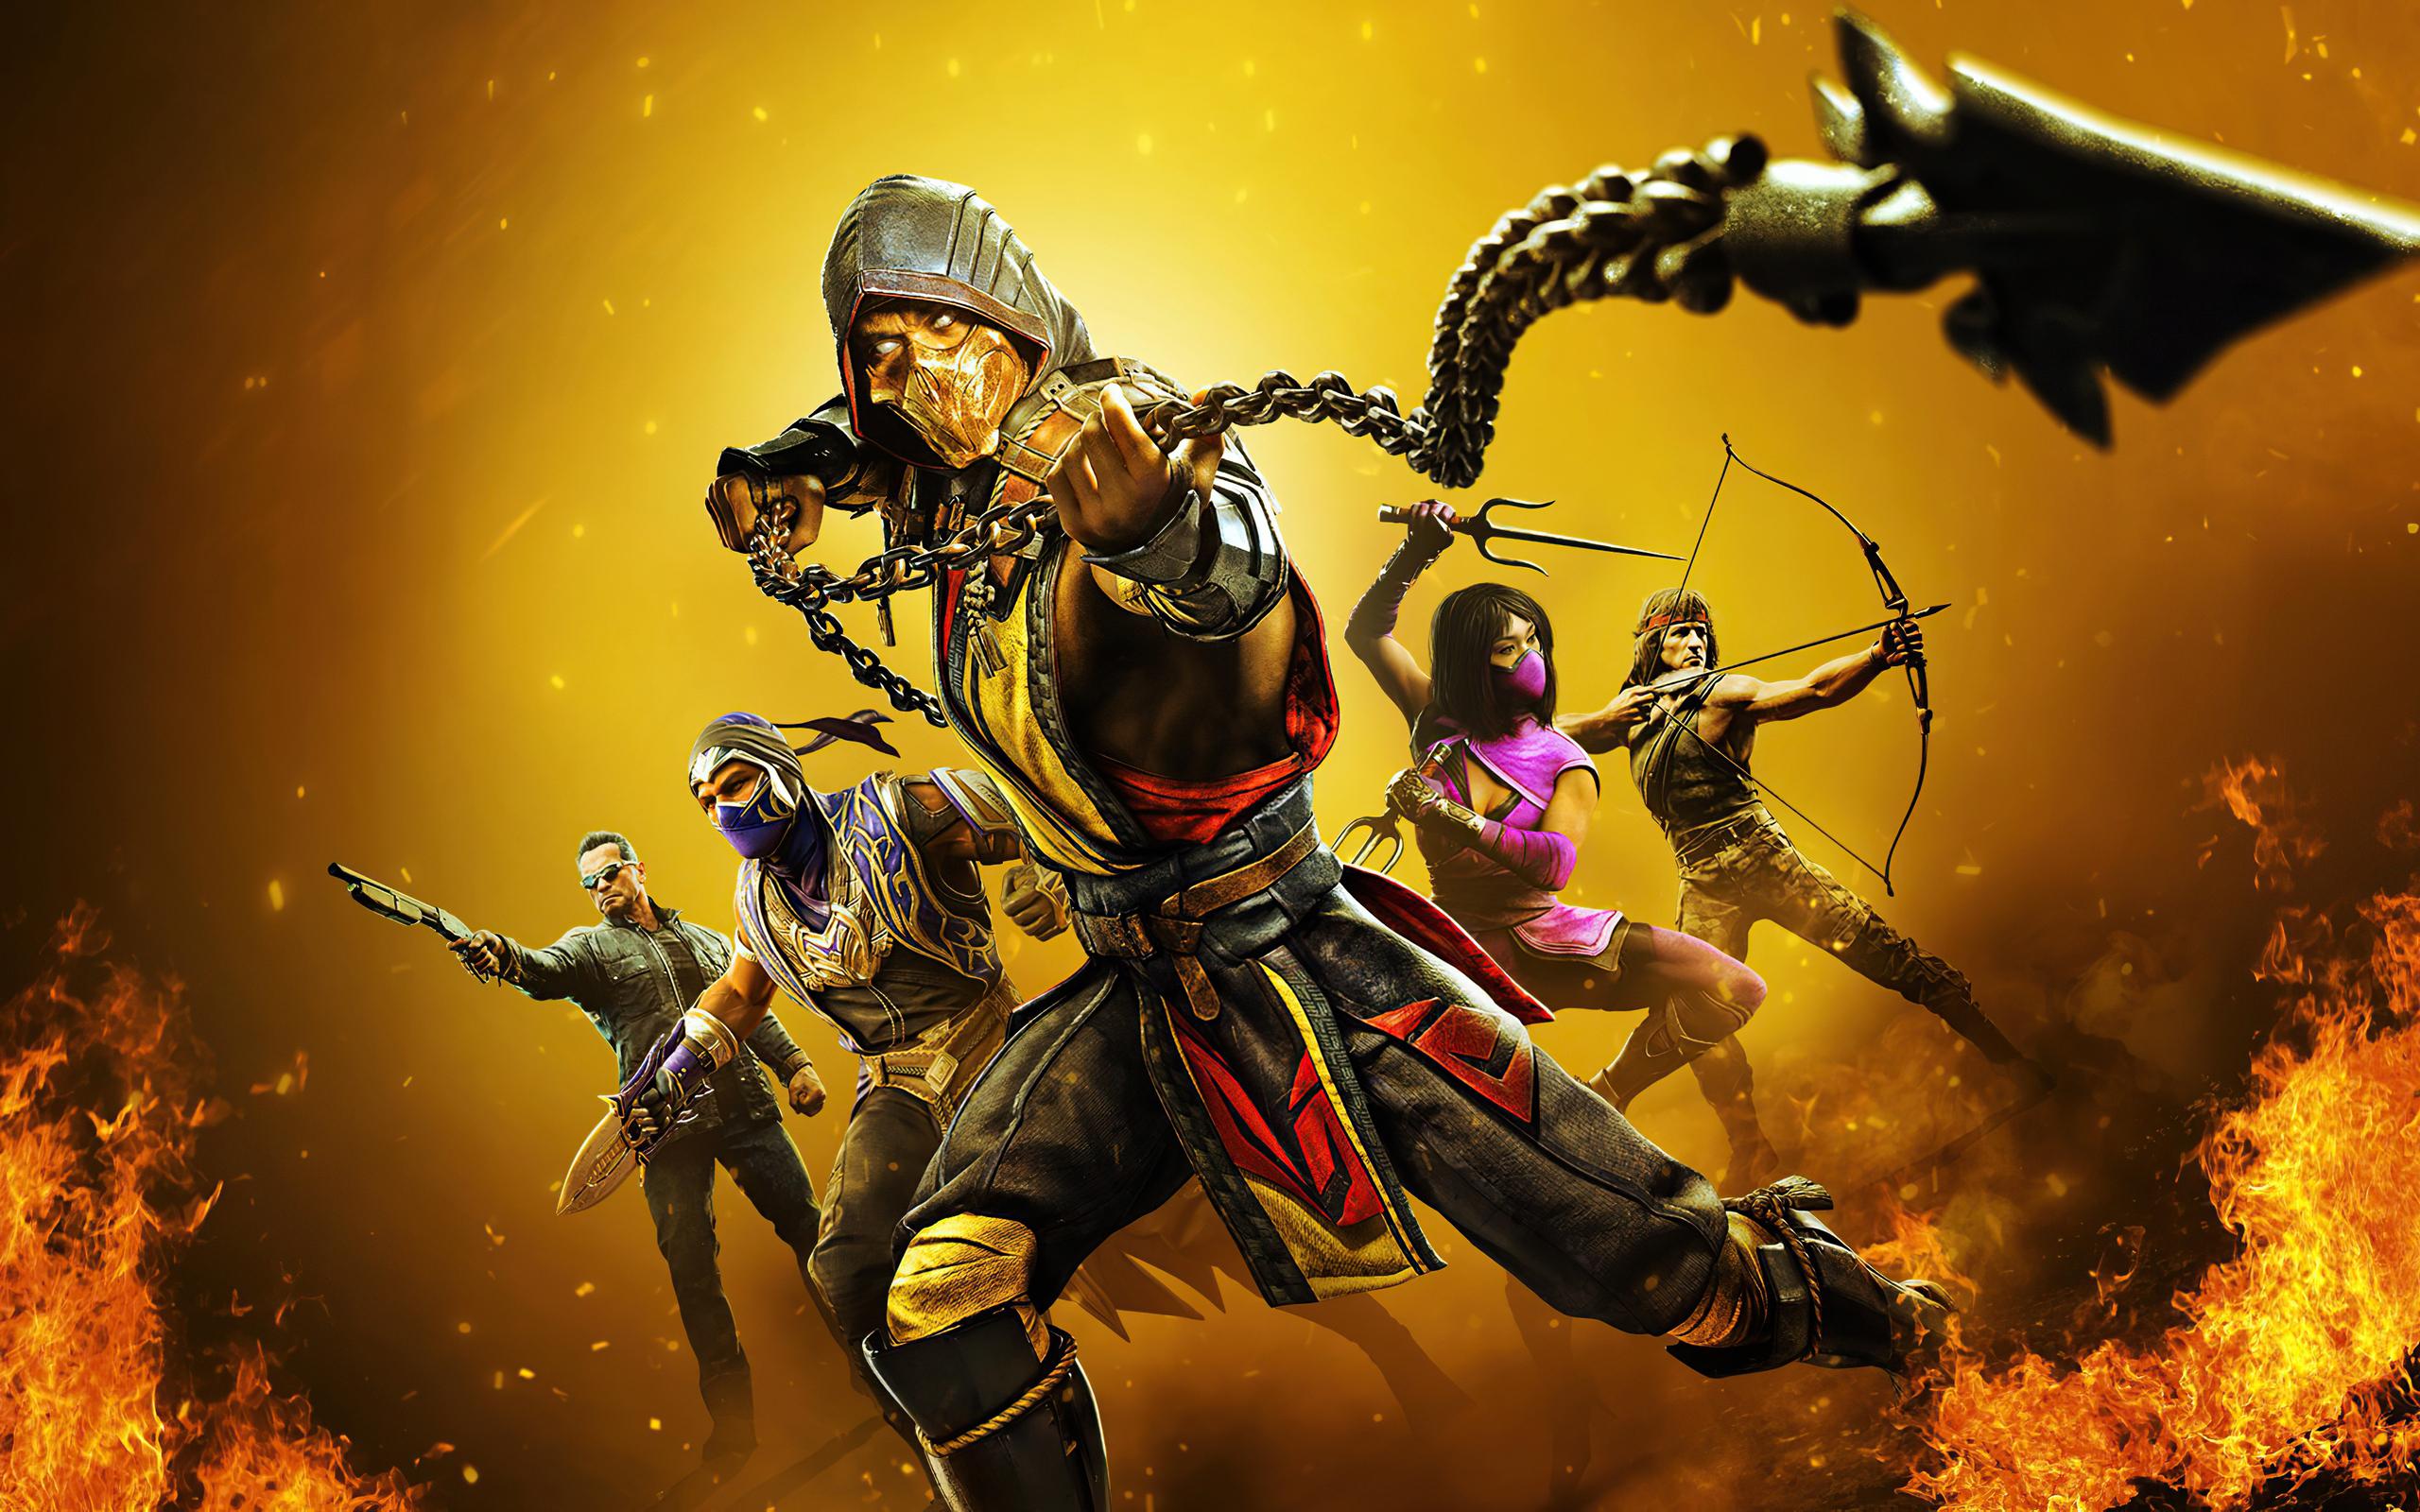 2560x1600 2020 Mortal Kombat 11 4k 2560x1600 Resolution HD ...